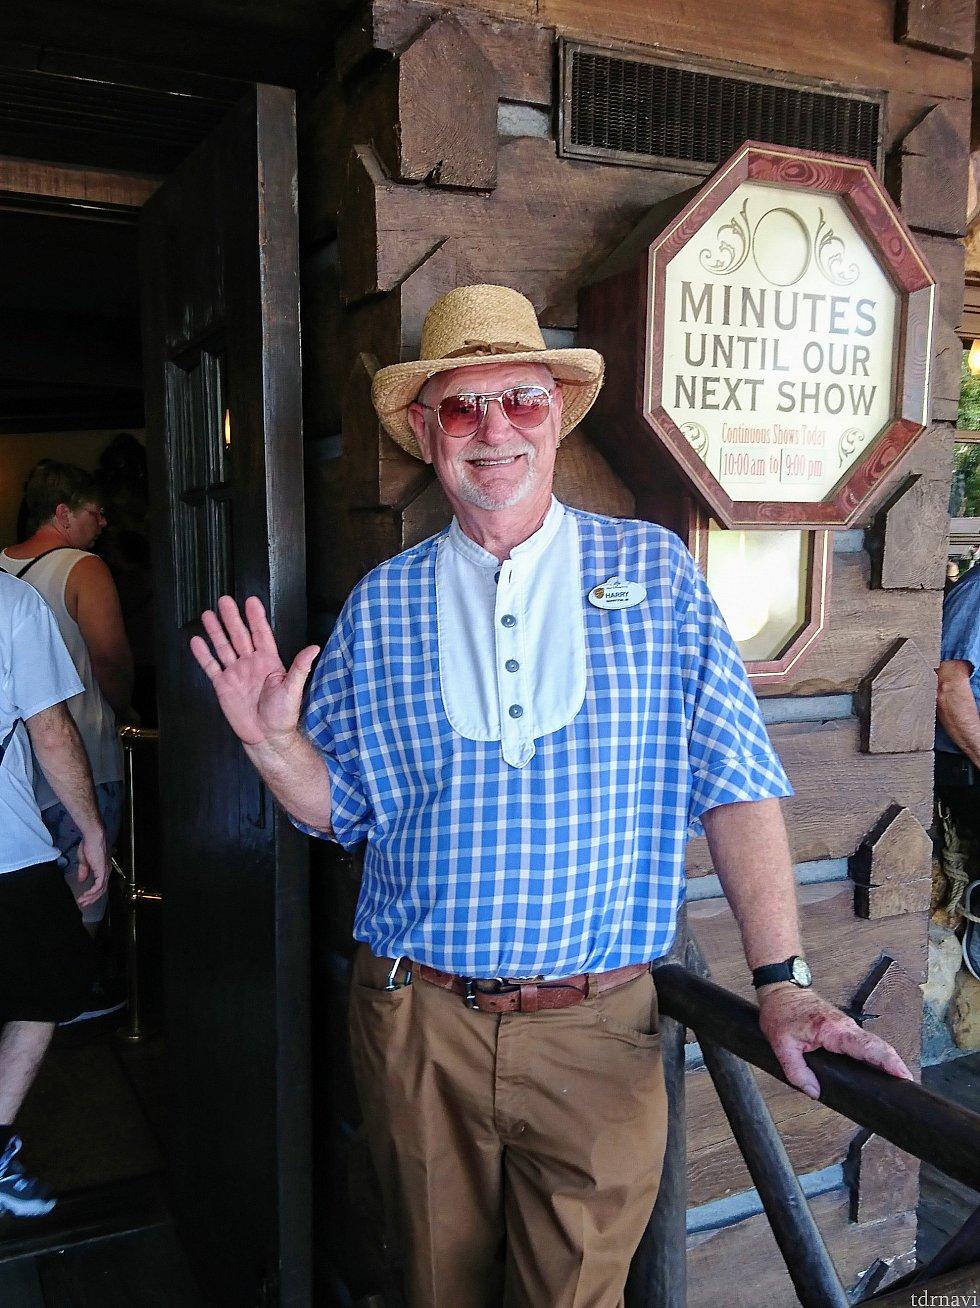 格好いいキャストさん!ブルーのチェックのシャツは、デティールも昔風で凝ってます。ハットも素敵!